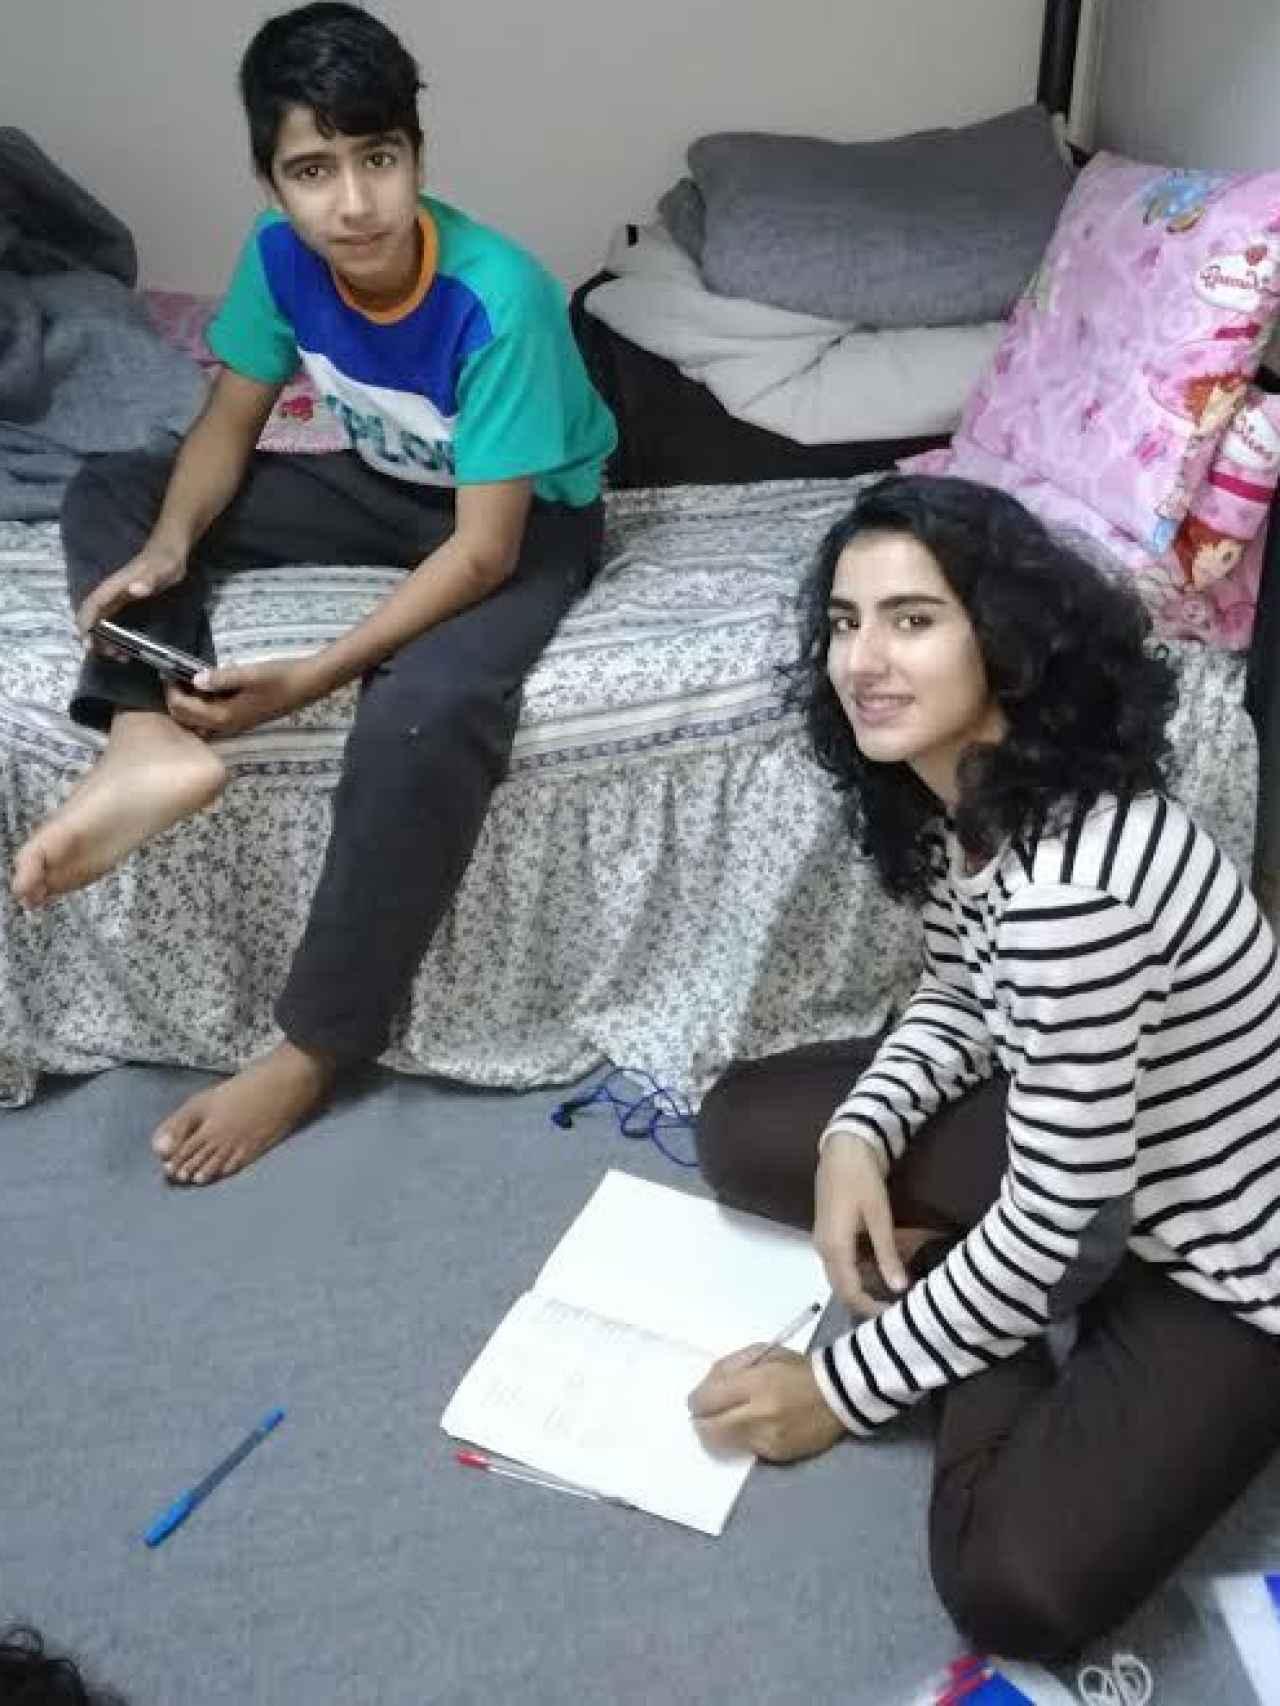 Sahar, con su hermano, no pierde la sonrisa en un campamento de refugiados de Grecia.